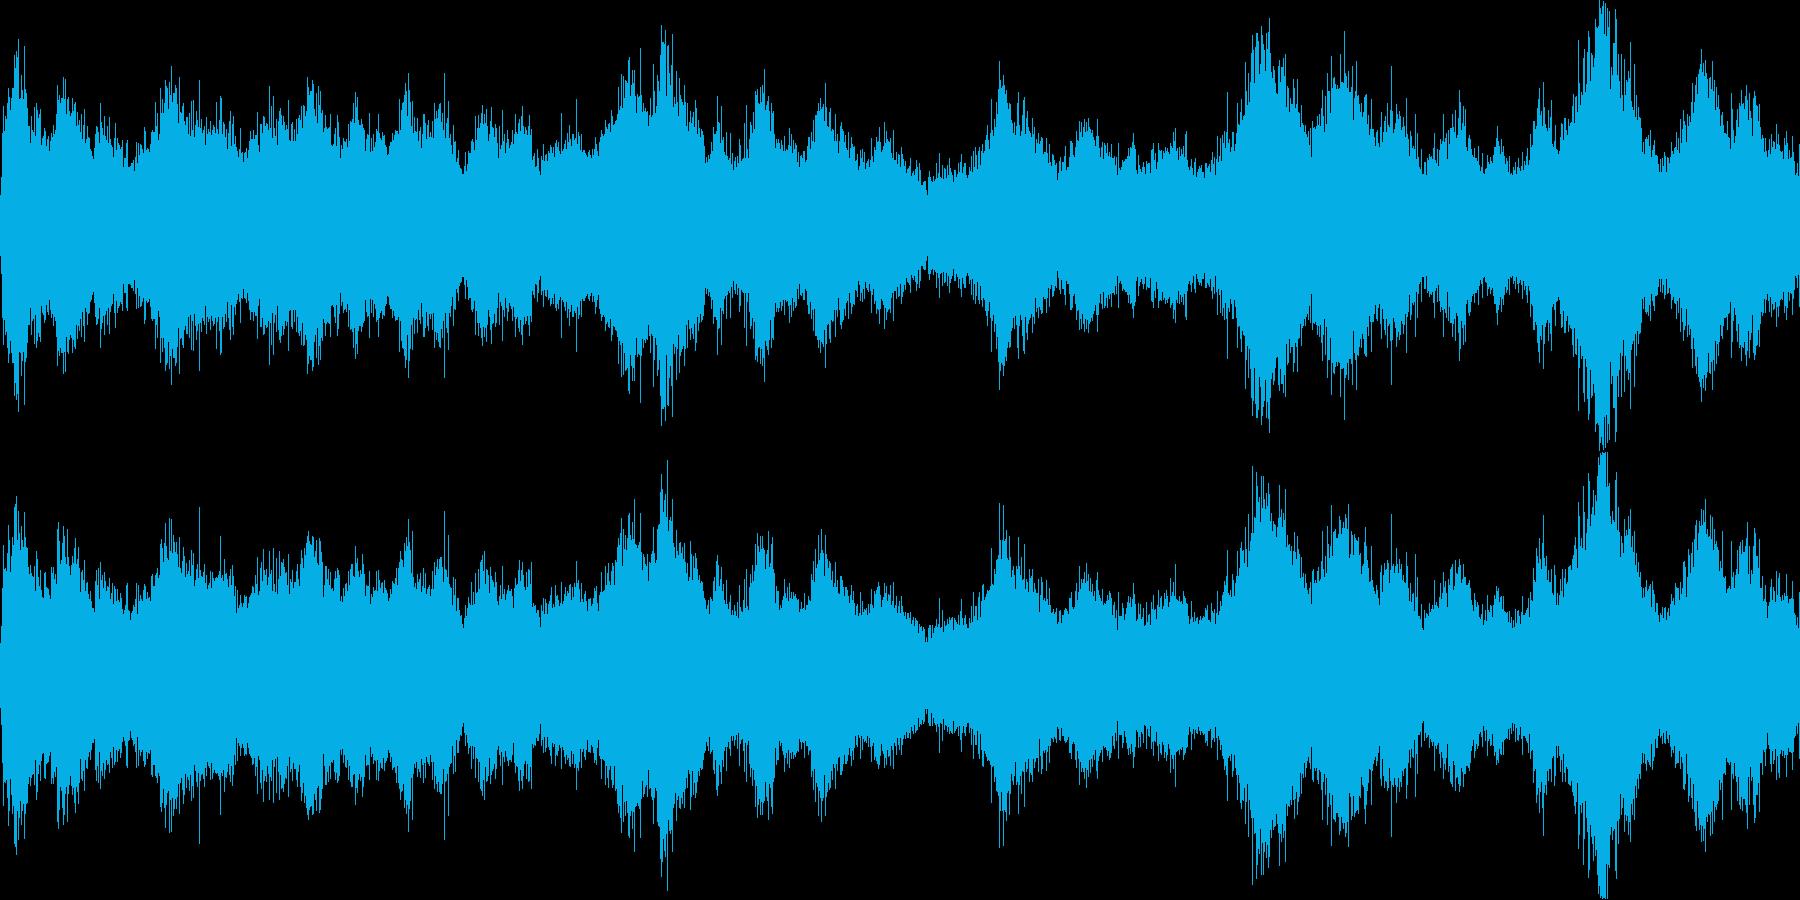 風が吹く2(環境音)の再生済みの波形